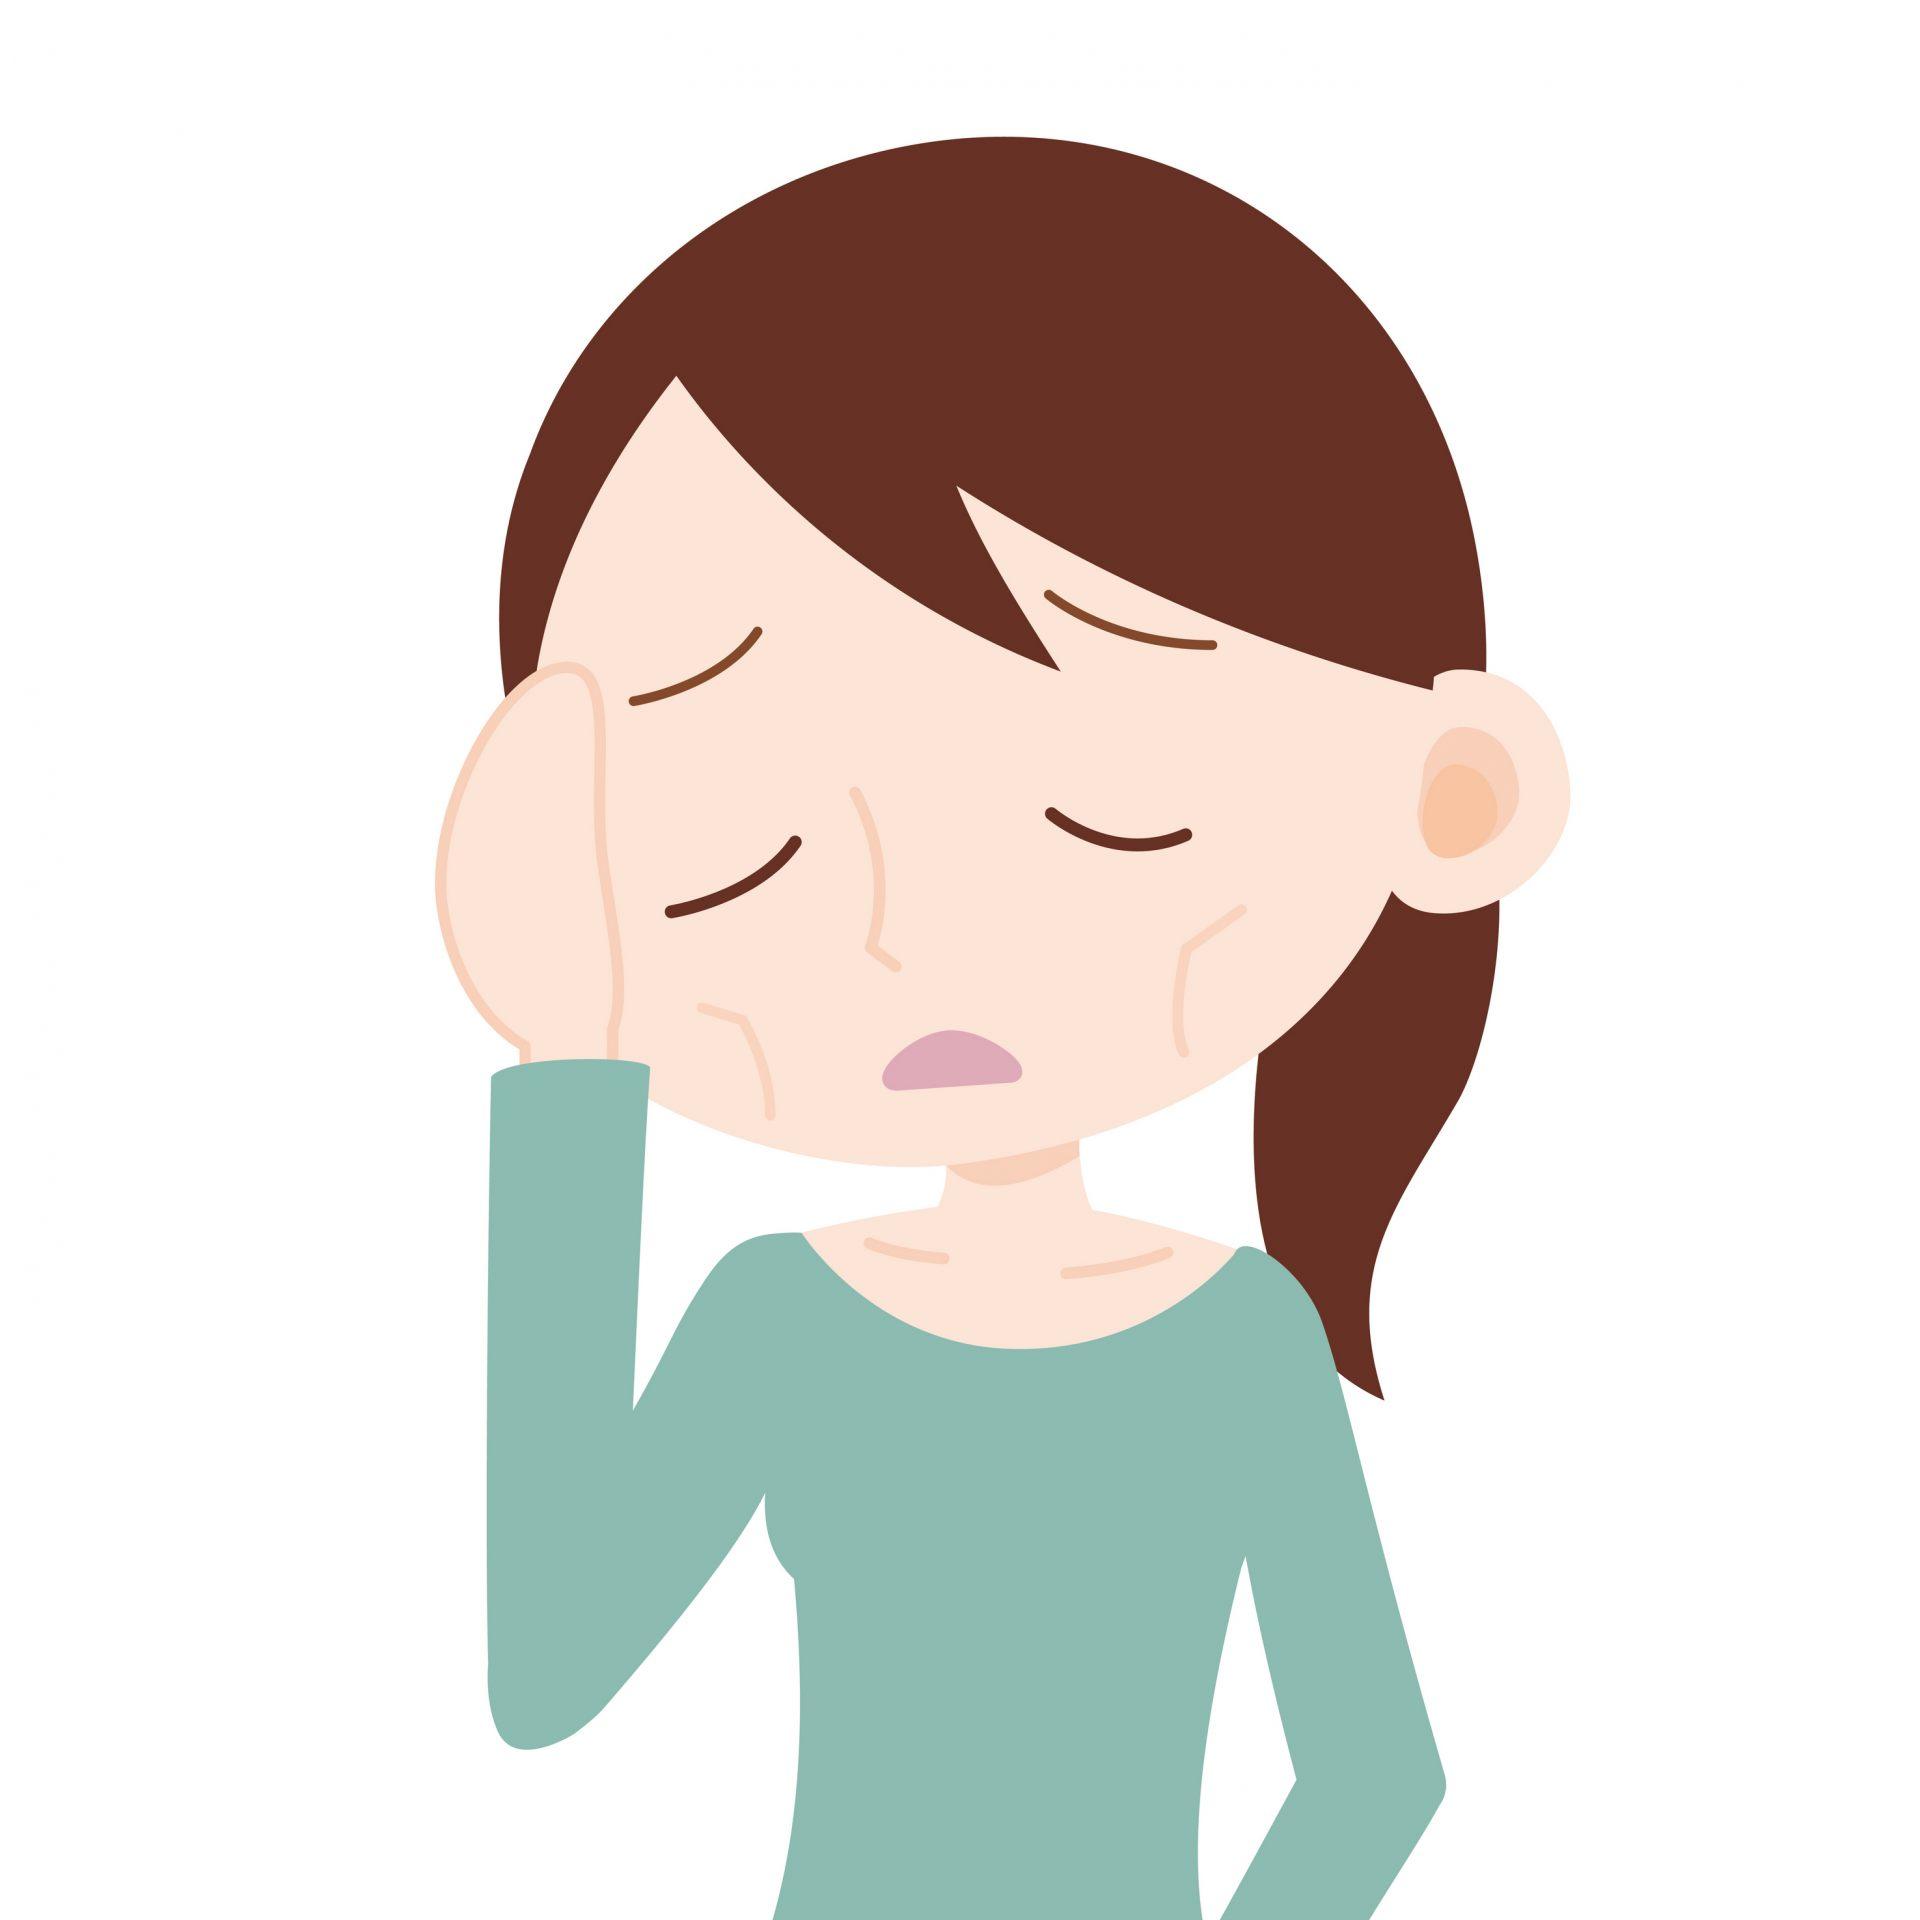 40歲以後的女性容易產生各種不適症狀